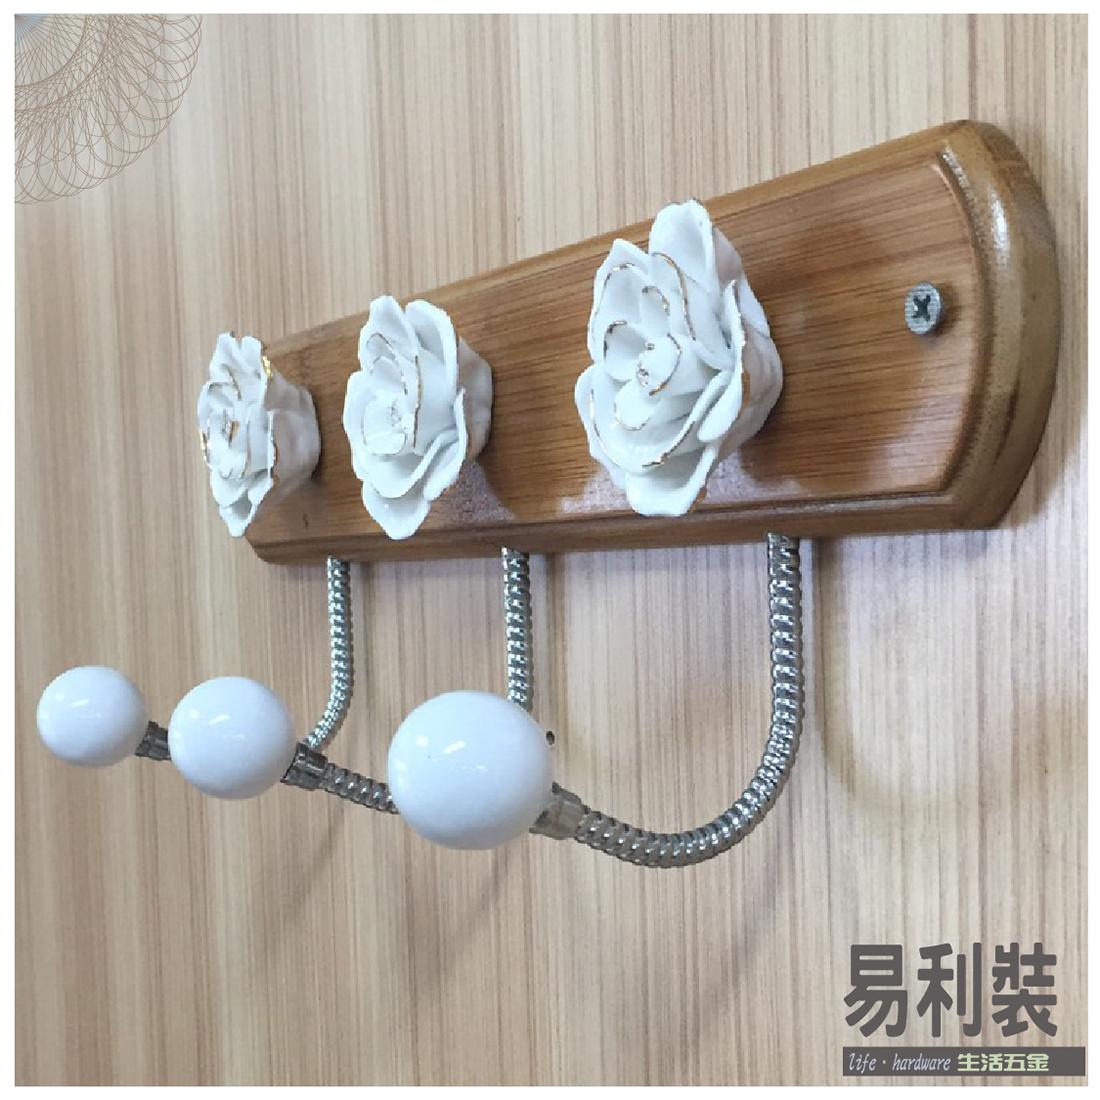 【 EASYCAN  】659-1 茶花陶瓷掛勾 易利裝生活五金 客廳 餐廳 房間 臥房 衣櫃 小資族 辦公家具 系統家具